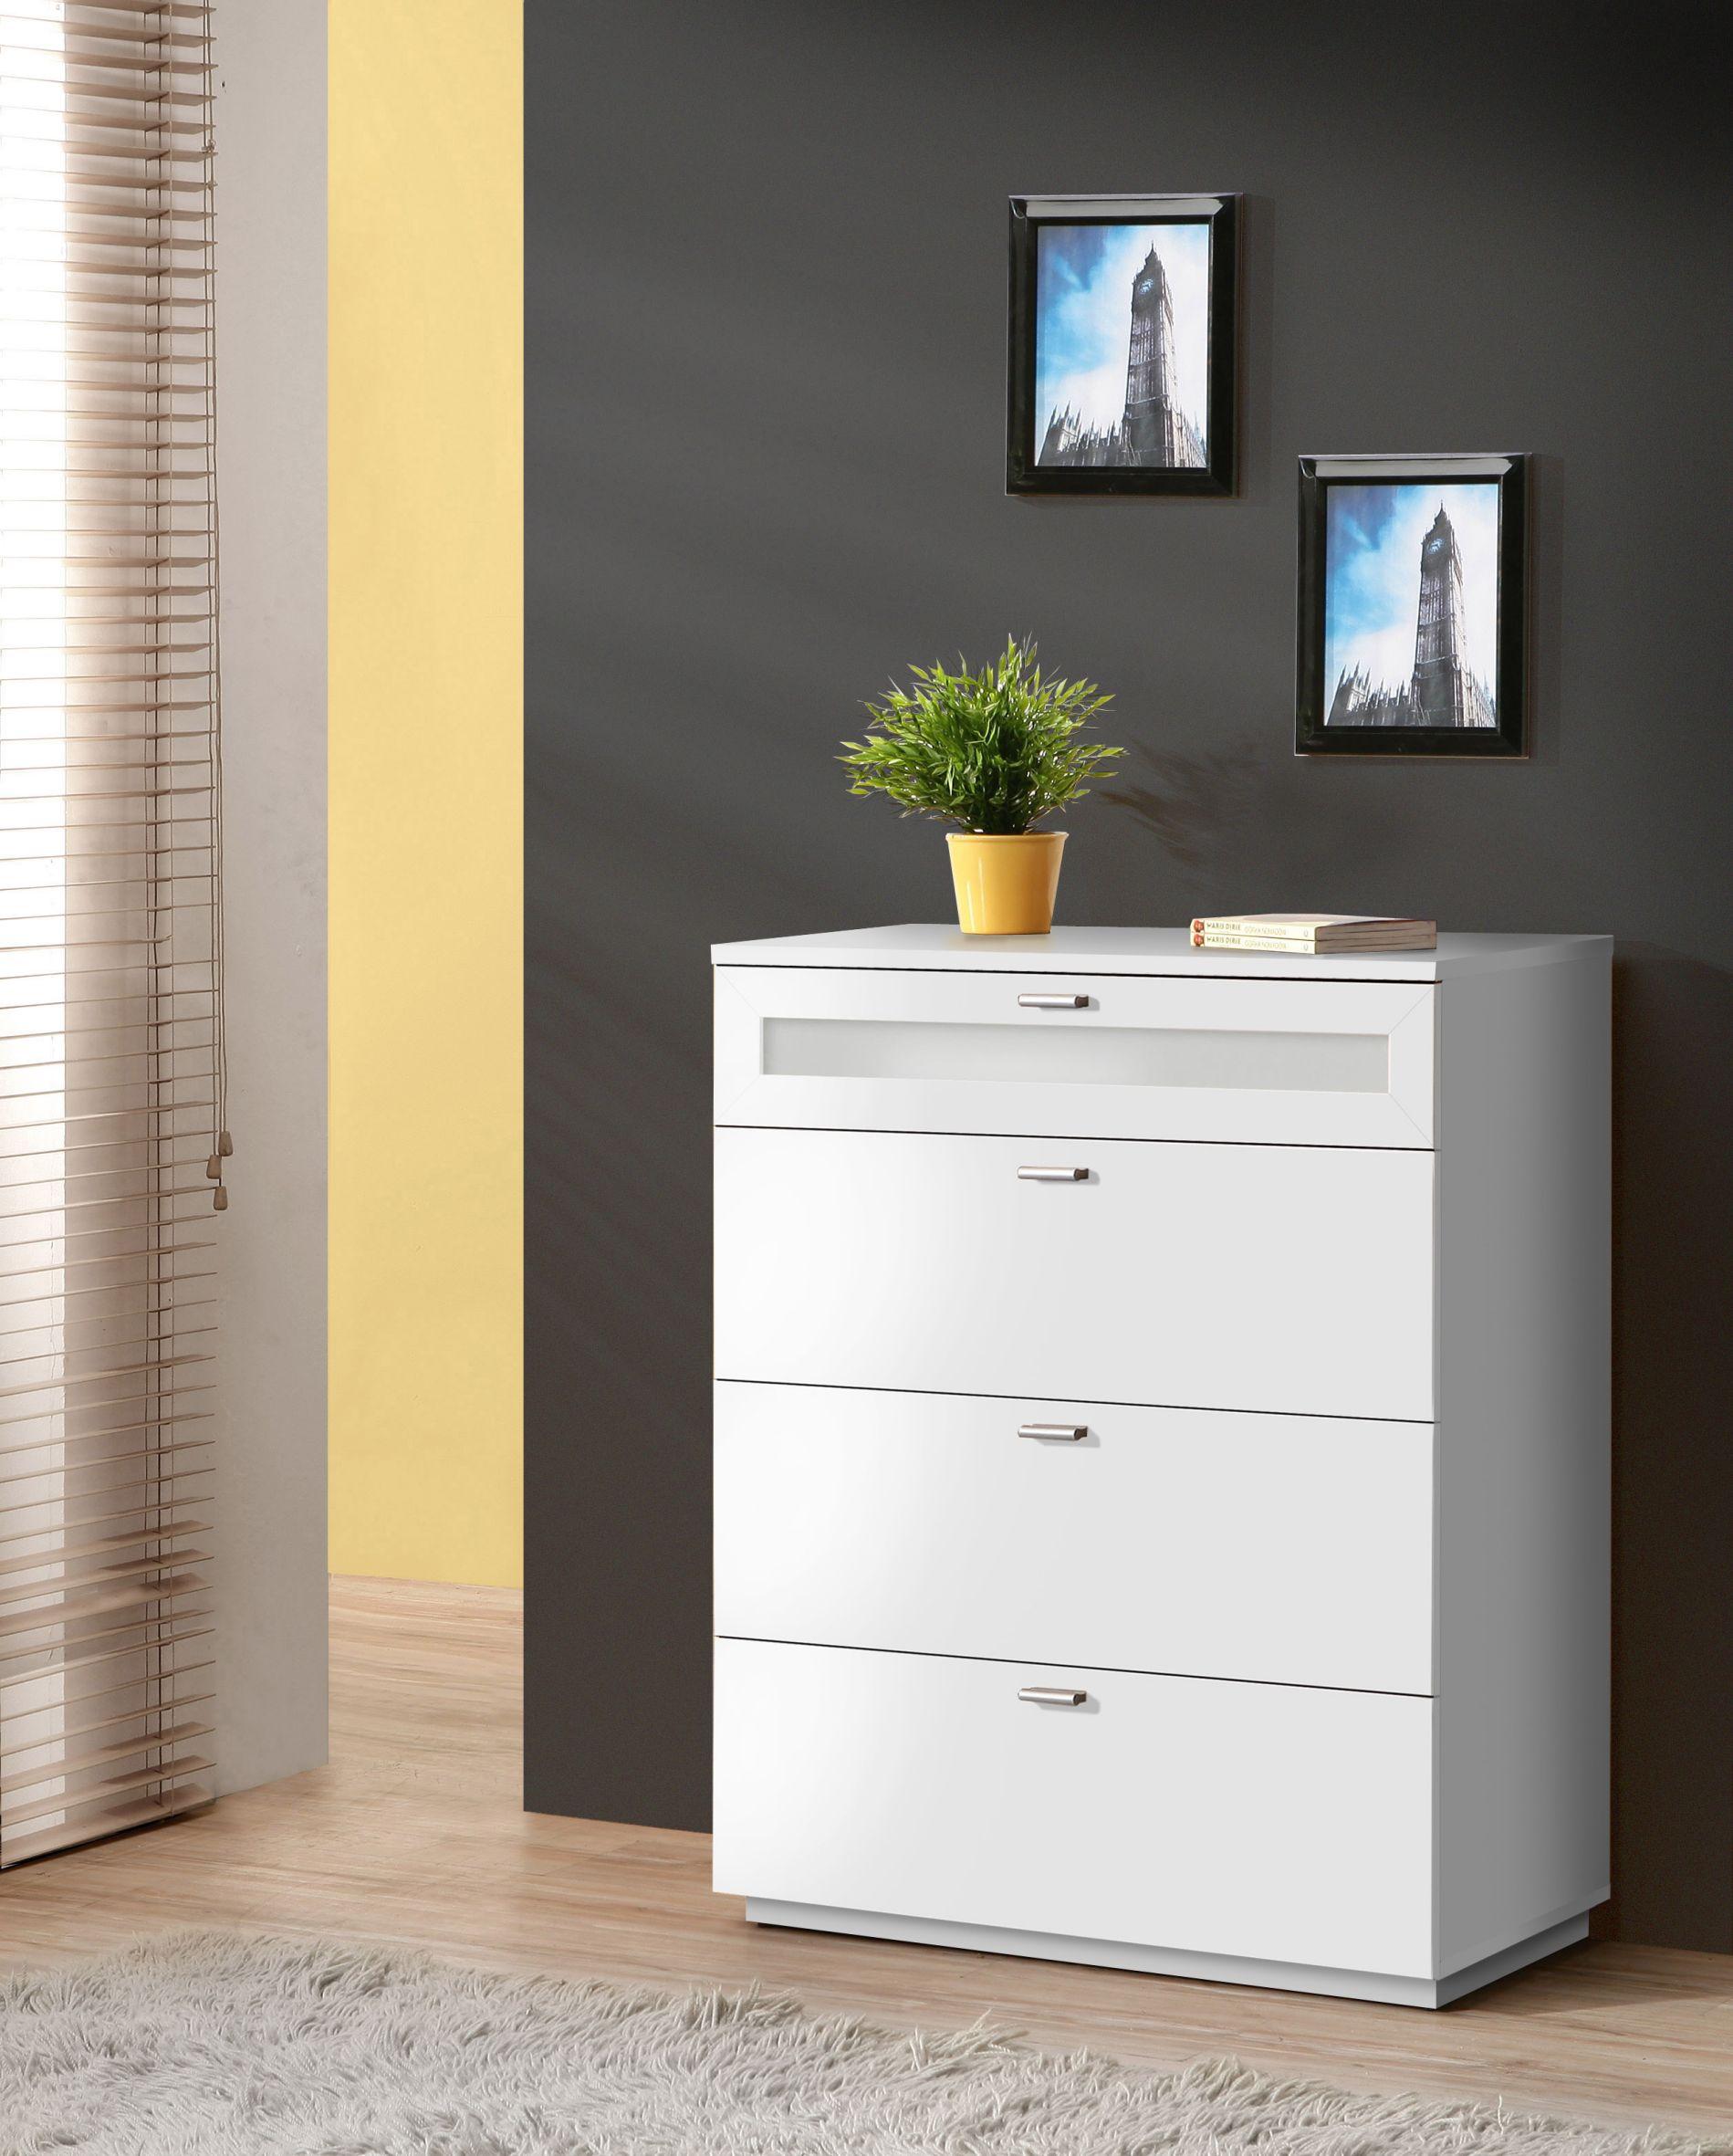 Full Size of Schlafzimmer Kommode Nexus Mit 4 Schubksten Klimagerät Für Set Weiß Weißes Luxus Günstige Komplett Fototapete Teppich Rauch Vorhänge Wandtattoo Schlafzimmer Schlafzimmer Kommoden